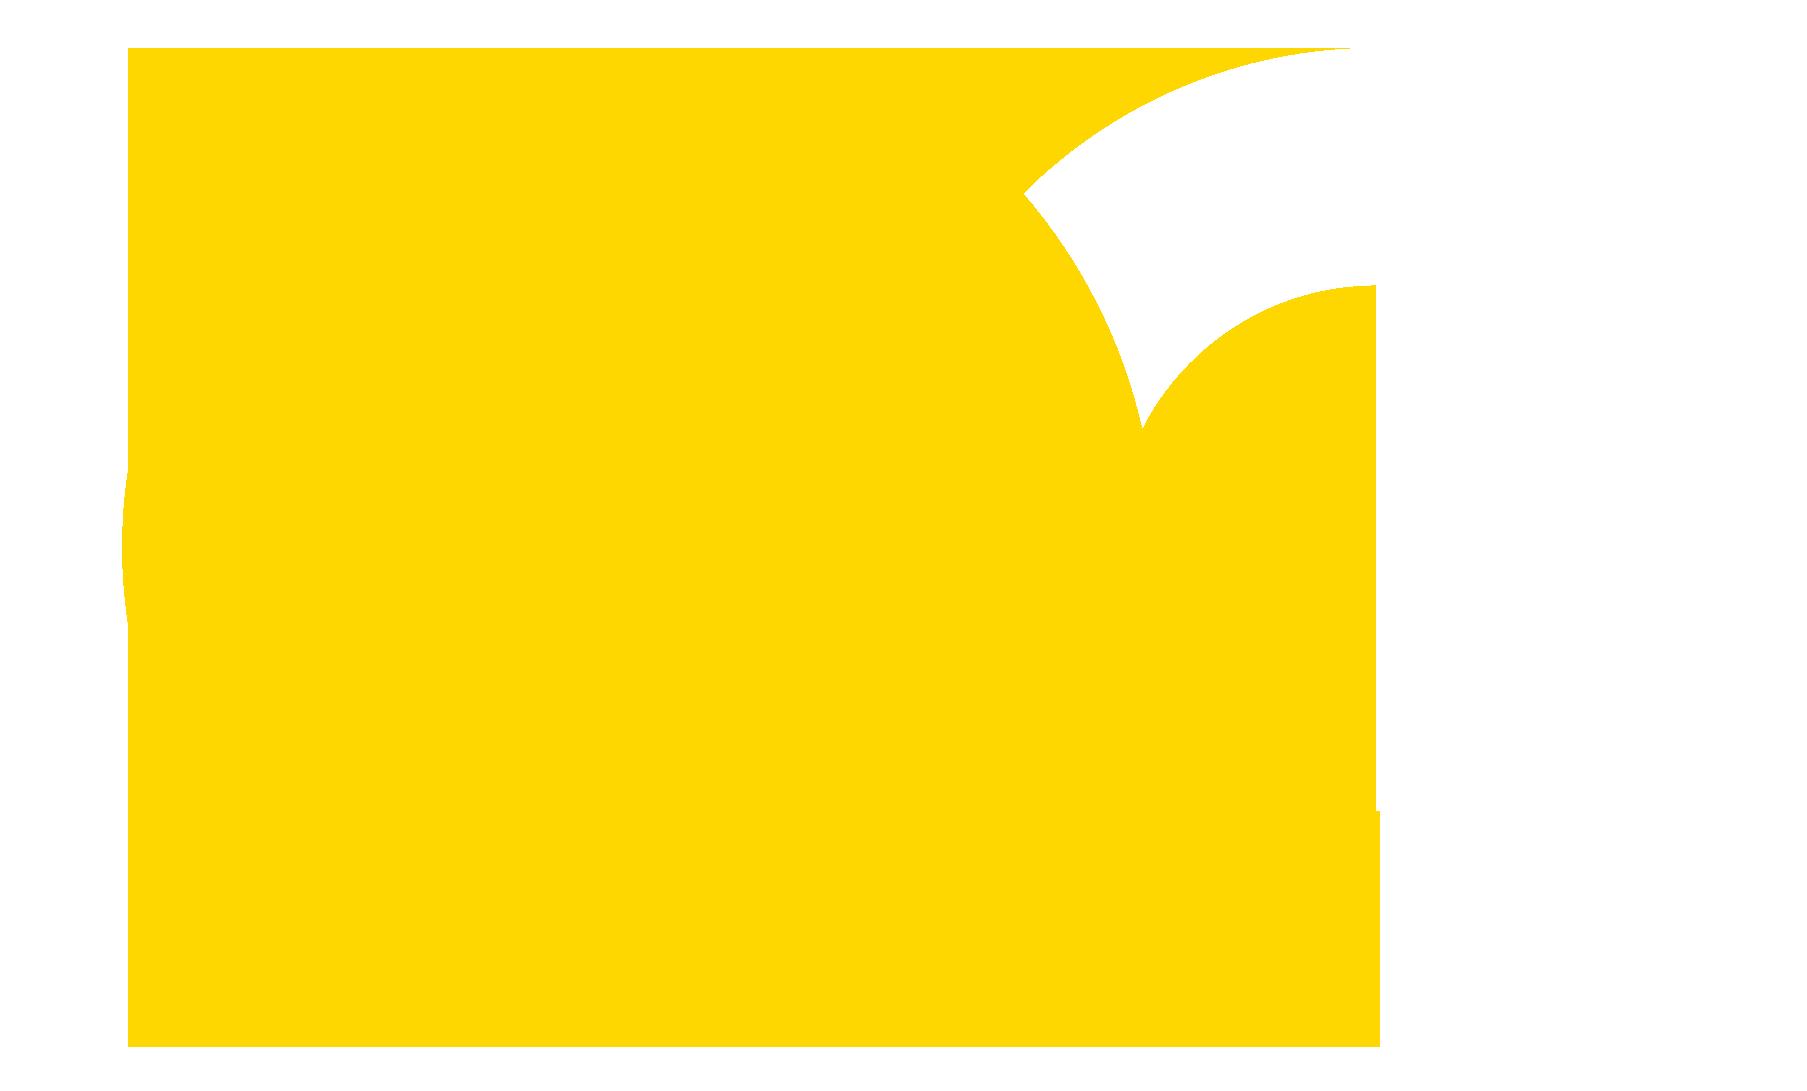 arnautcode